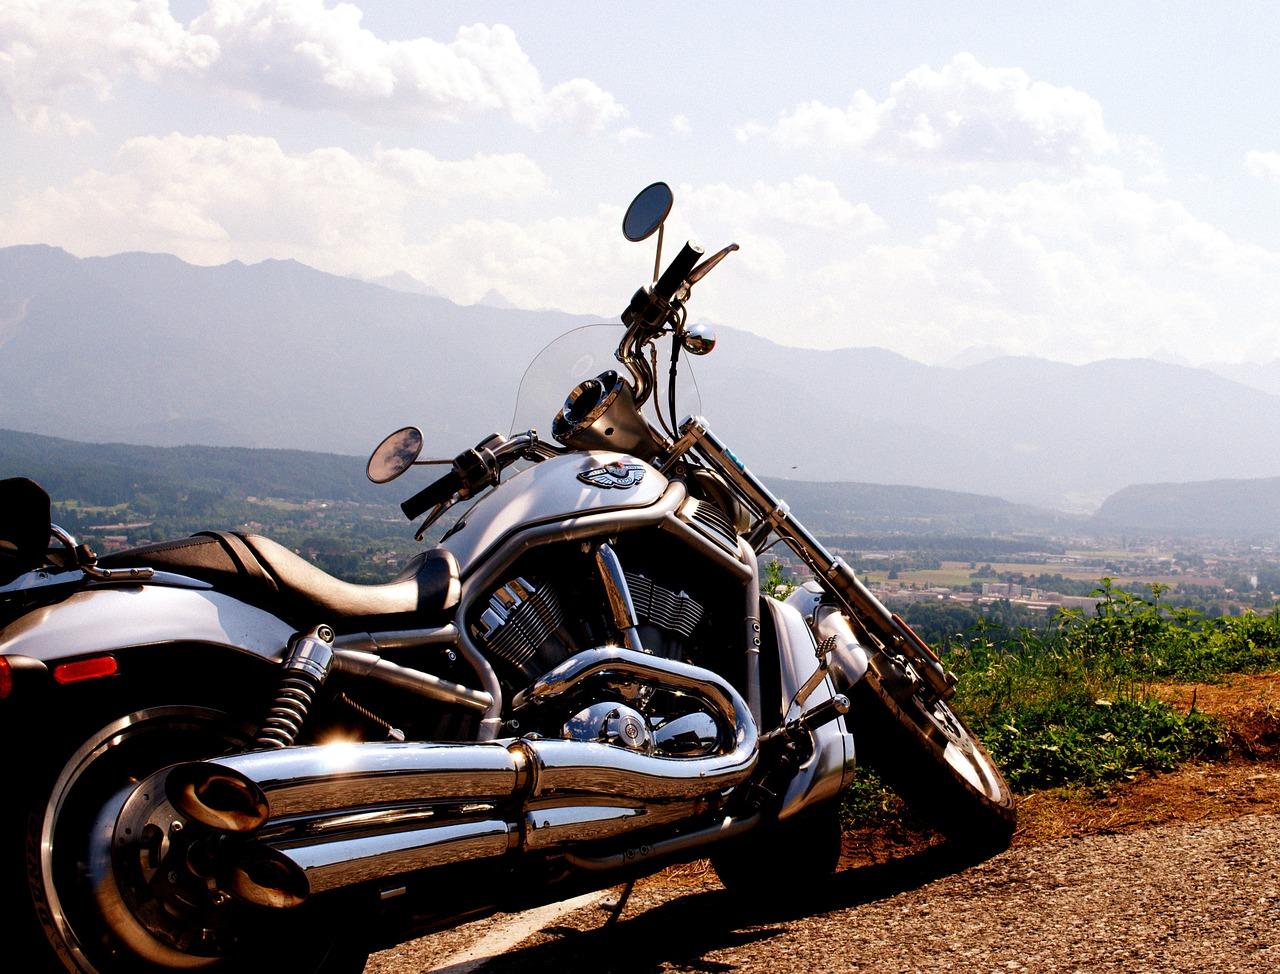 Neuer Auspuff für mein Motorrad